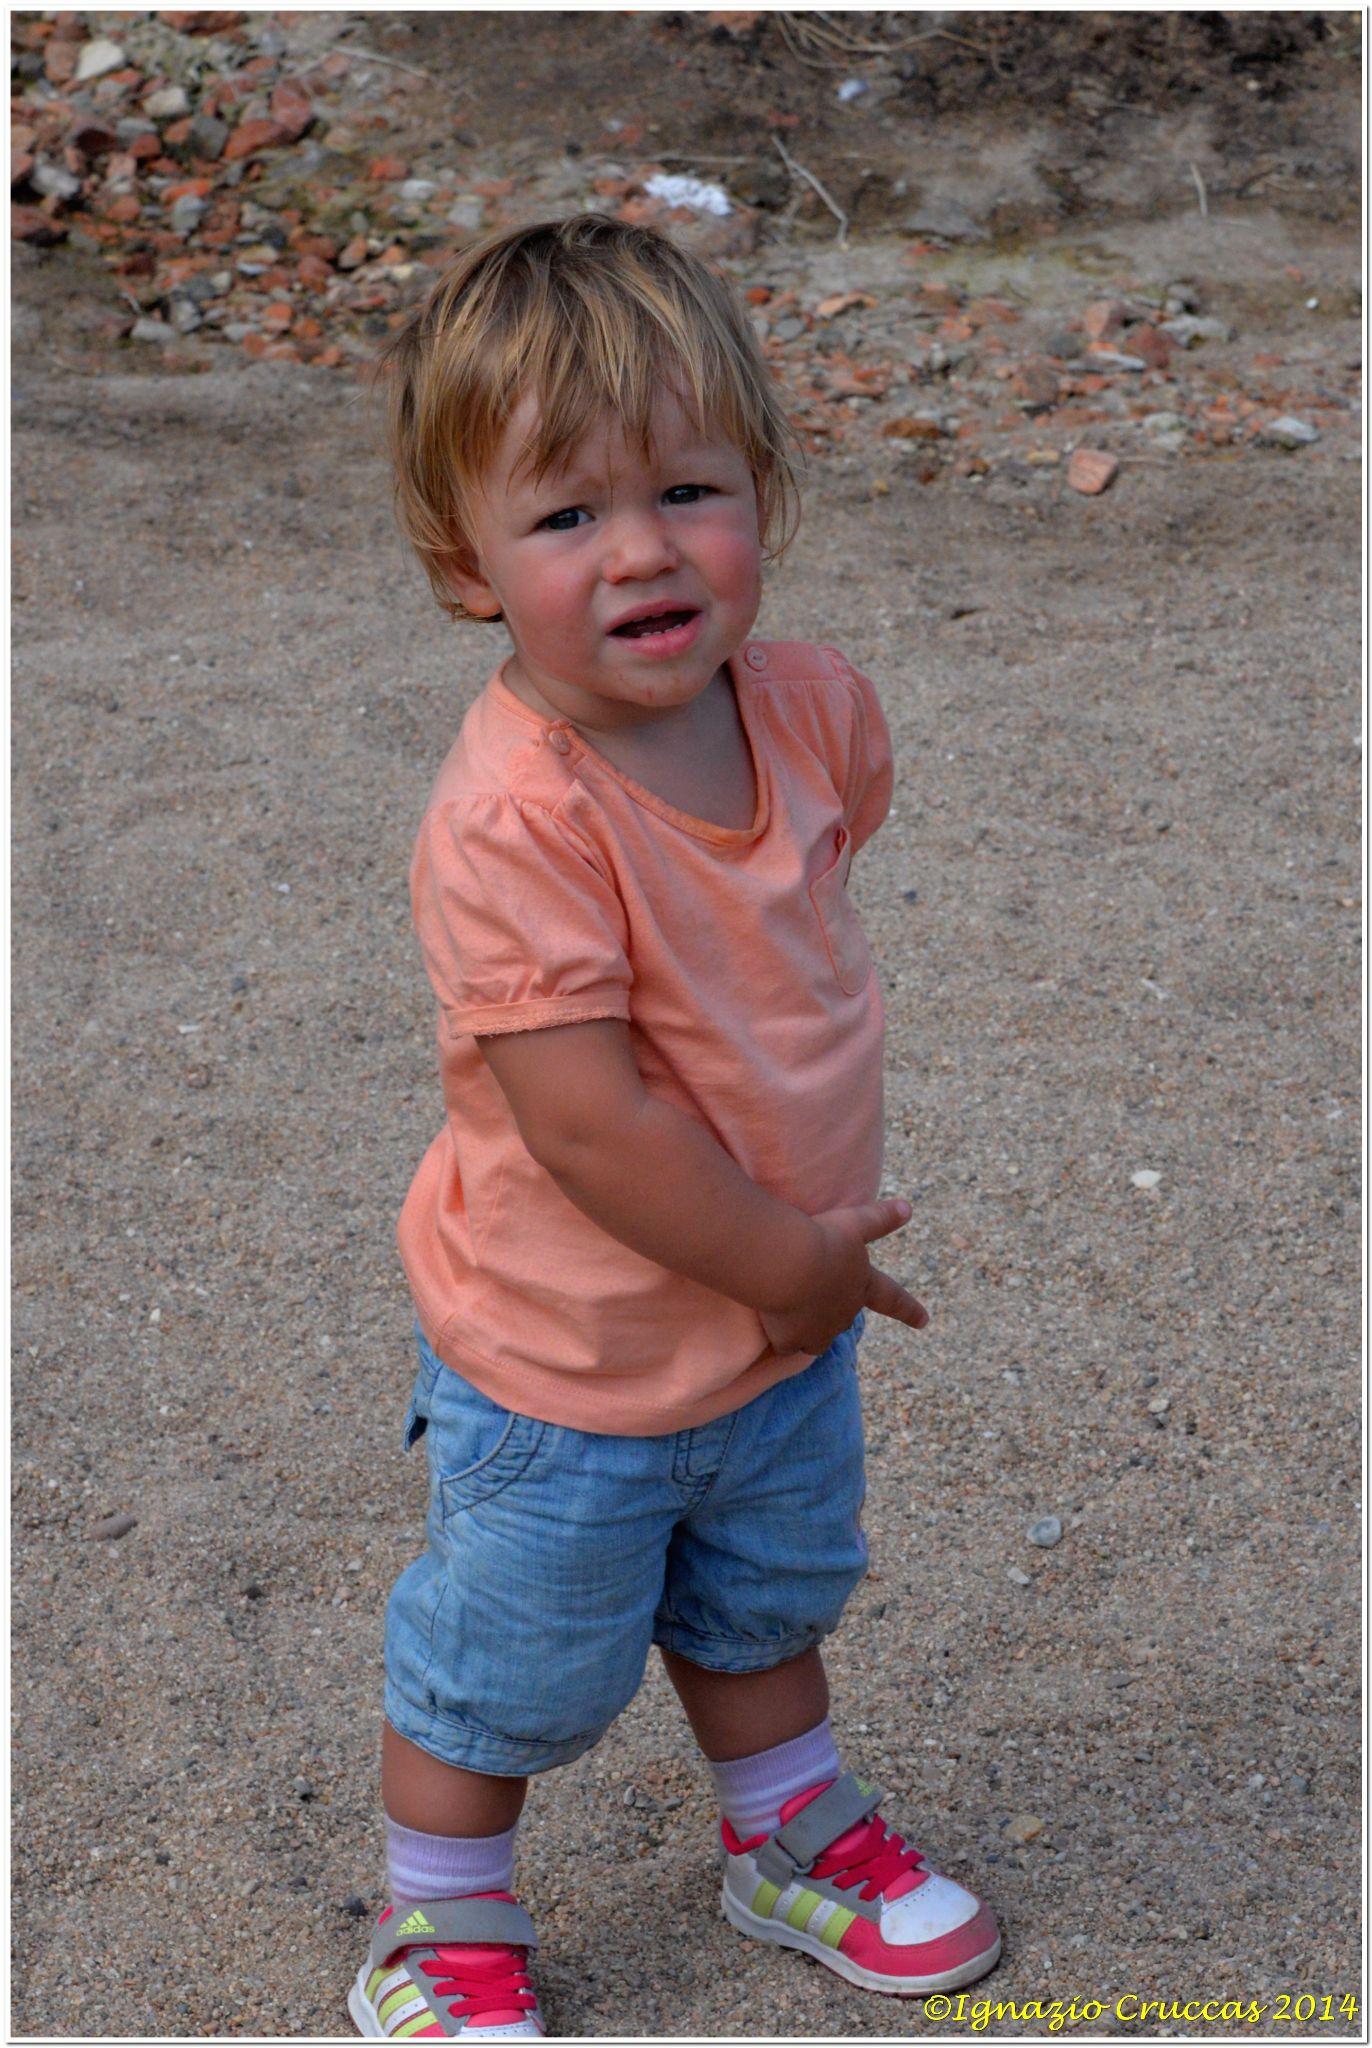 Children by ignazio cruccas